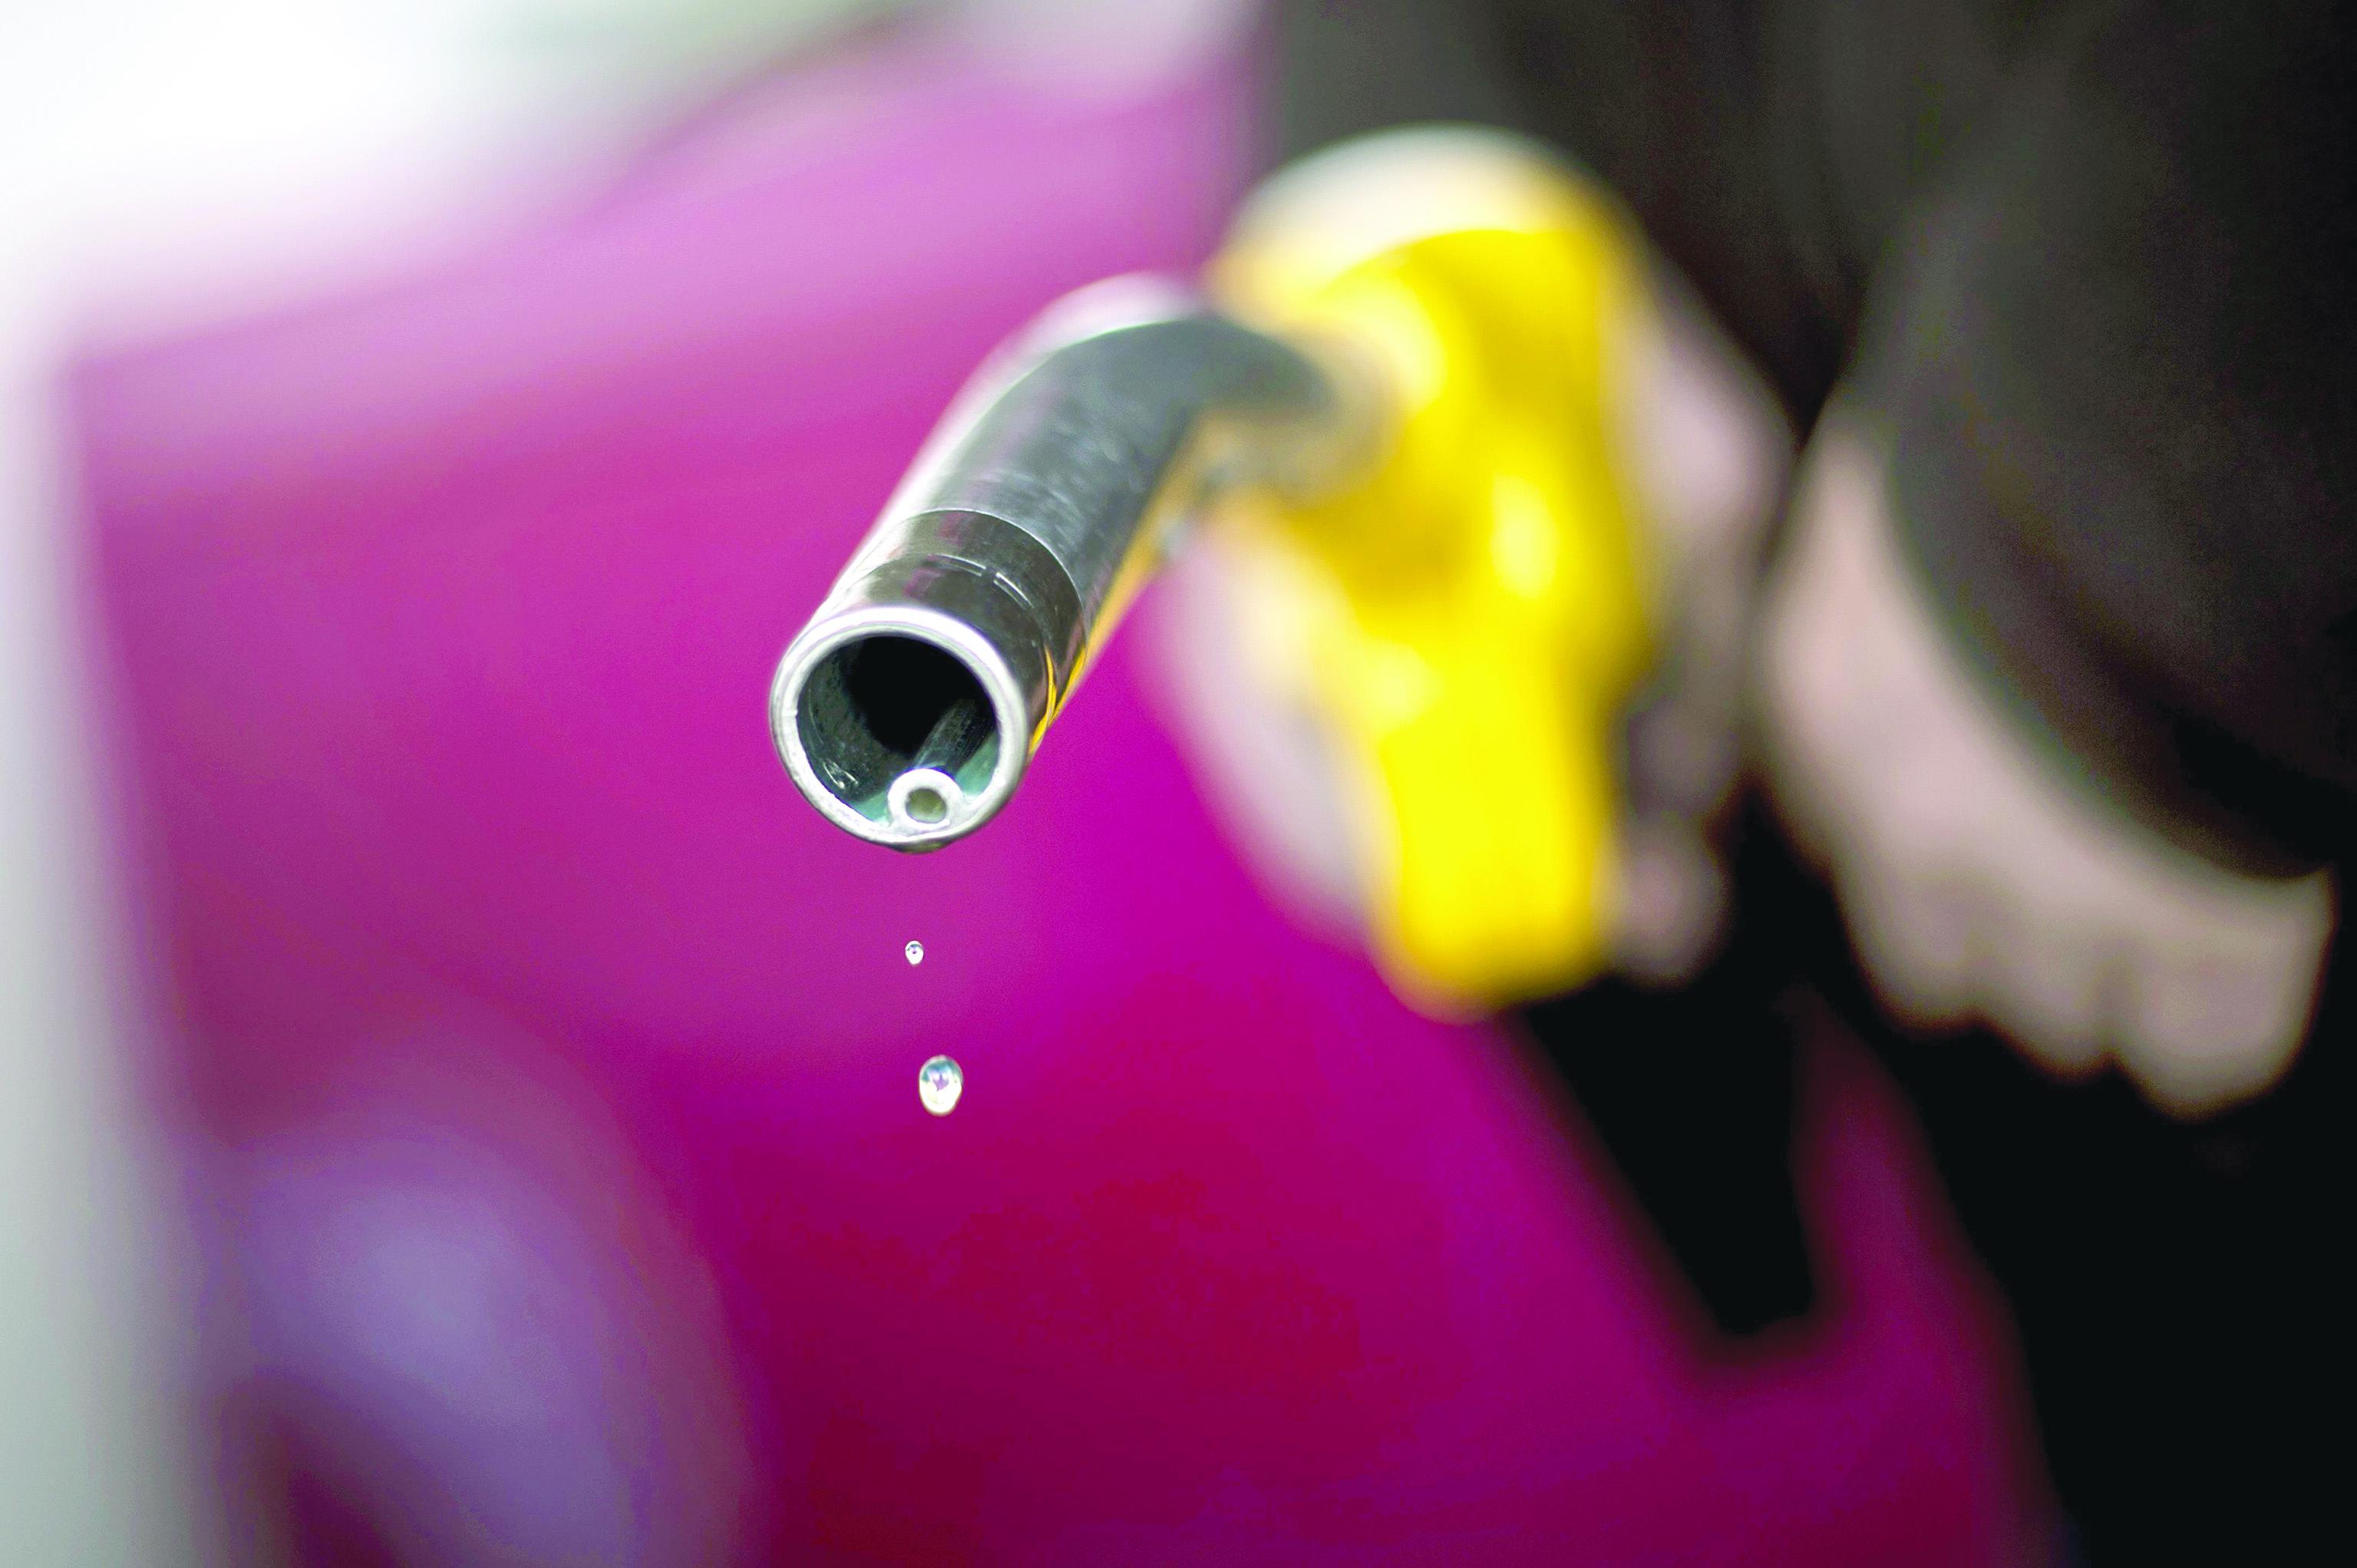 كم تبلغ نسبة ارتفاع أسعار الوقود منذ رفع الدعم